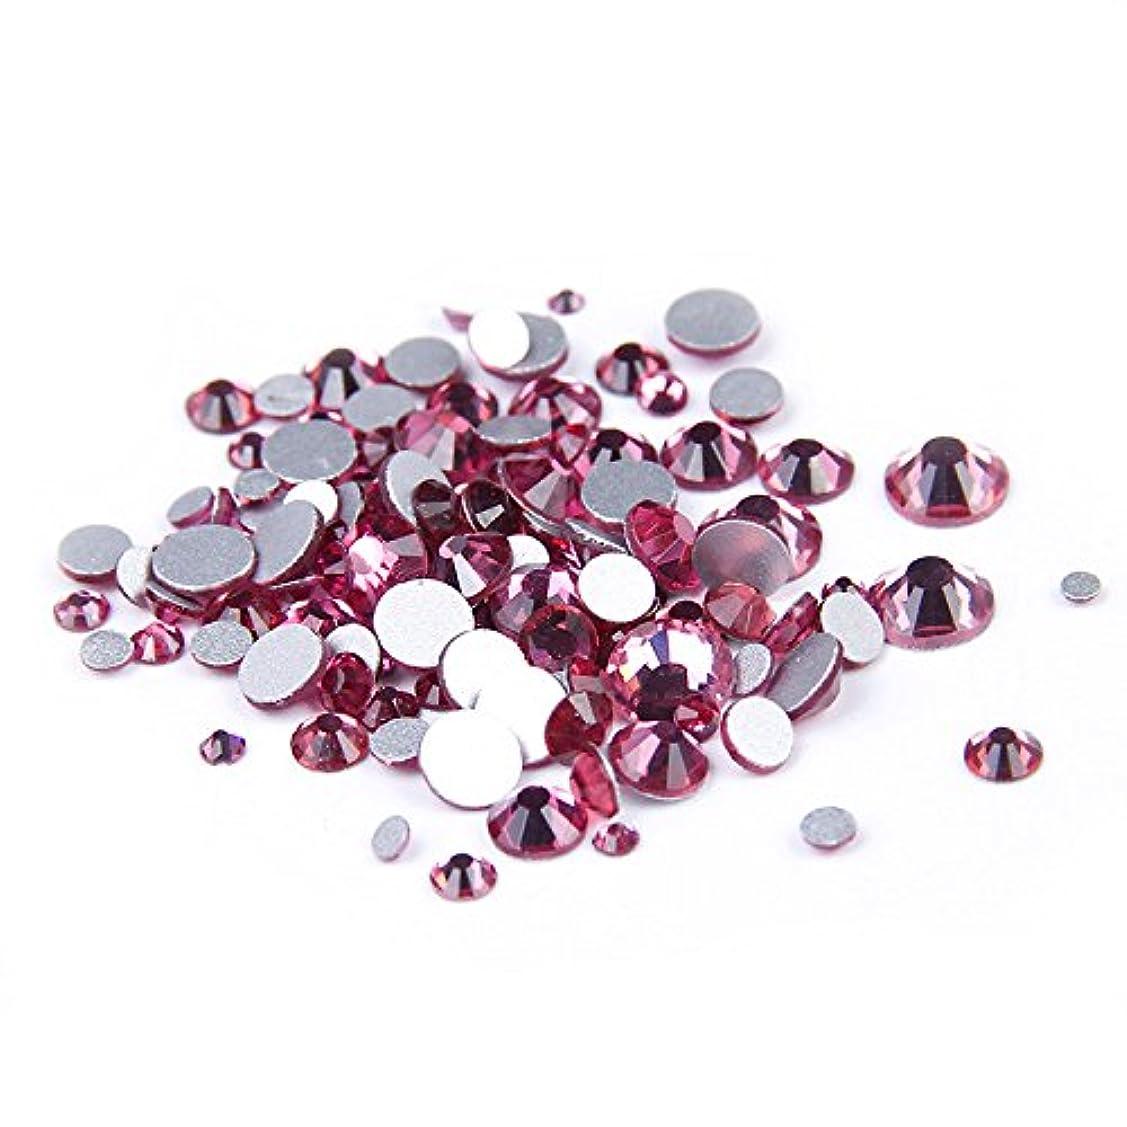 おもてなしに賛成運搬Nizi ジュエリー ブランド ローズ ラインストーン は ガラスの材質 ネイル使用 型番ss3-ss34 (混合サイズ 1000pcs)